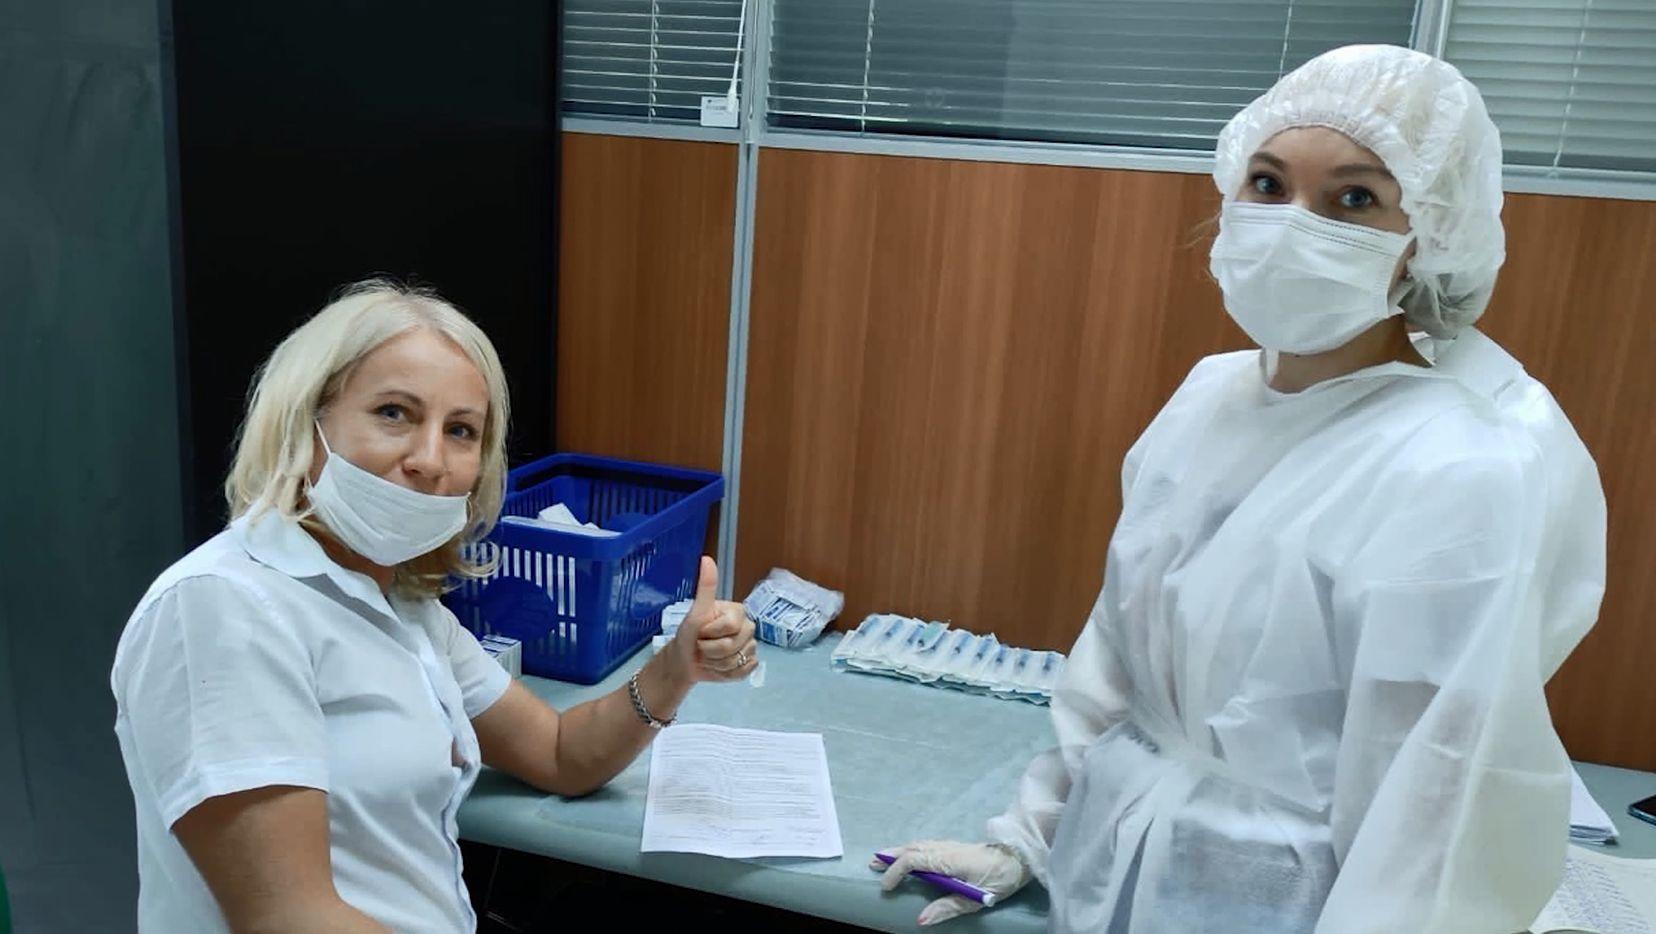 В Ярославской области набирает популярность мобильная вакцинация на рабочих местах